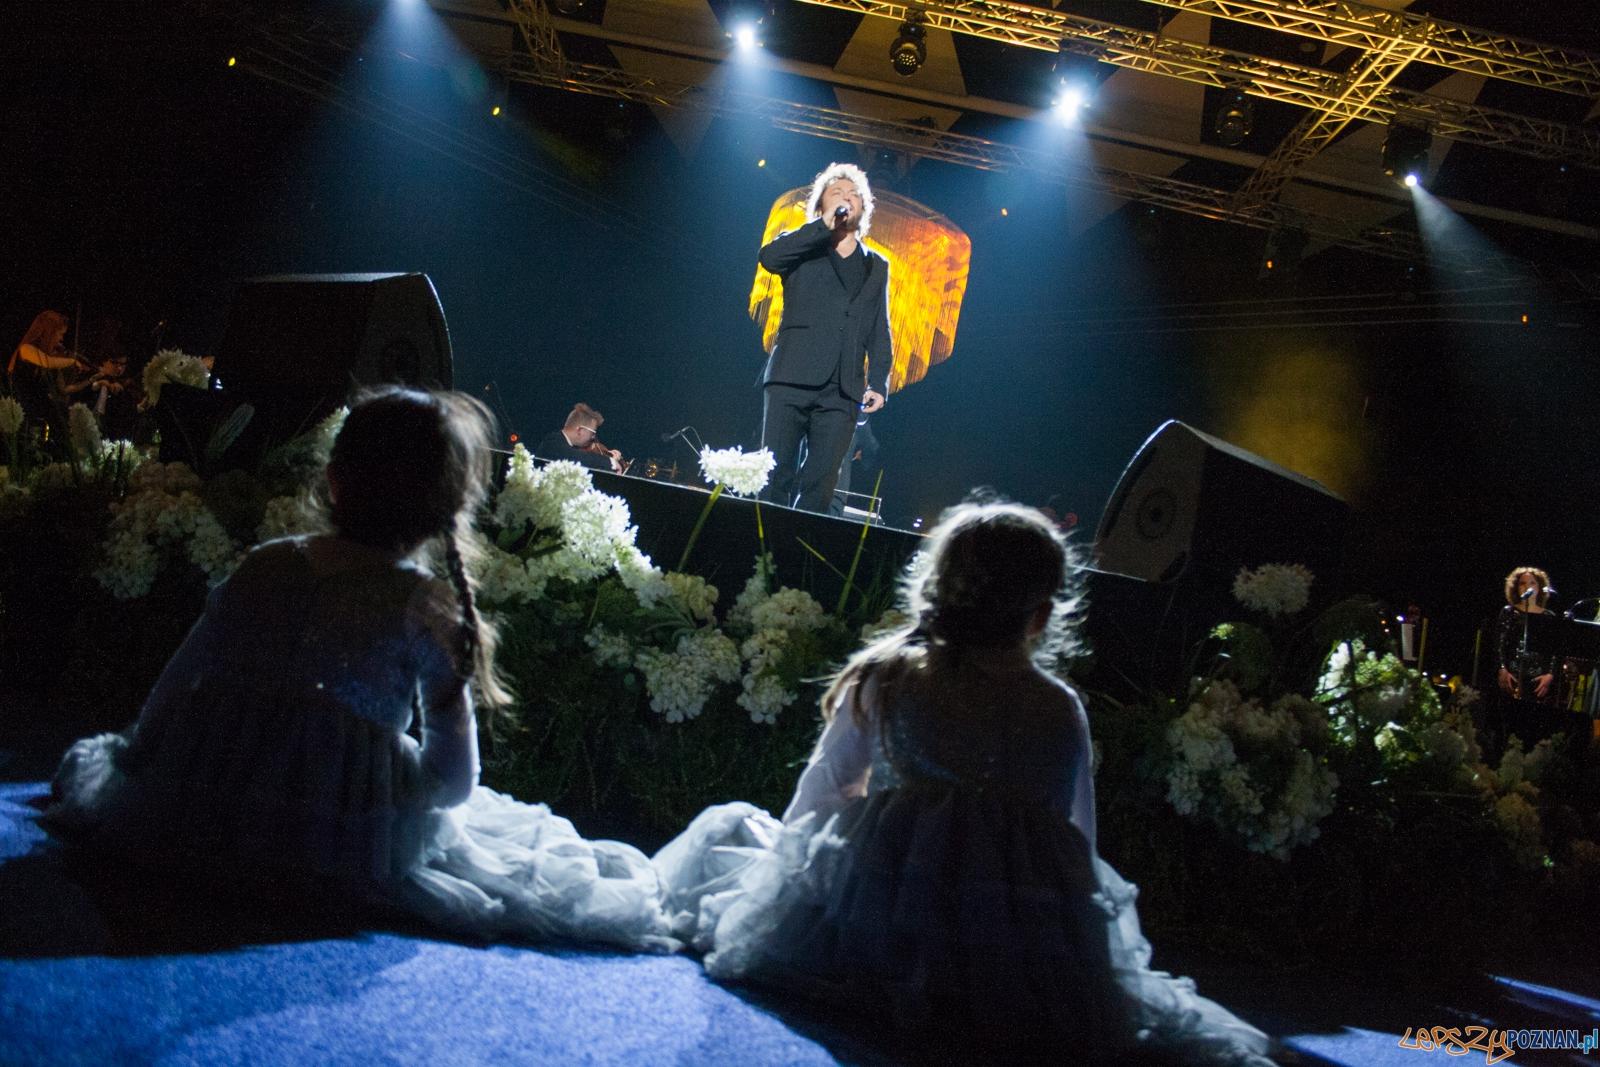 Mieczysław Szcześniak - Koncert noworoczny (10.01.2016) Sala Ziemi  Foto: © lepszyPOZNAN.pl / Karolina Kiraga